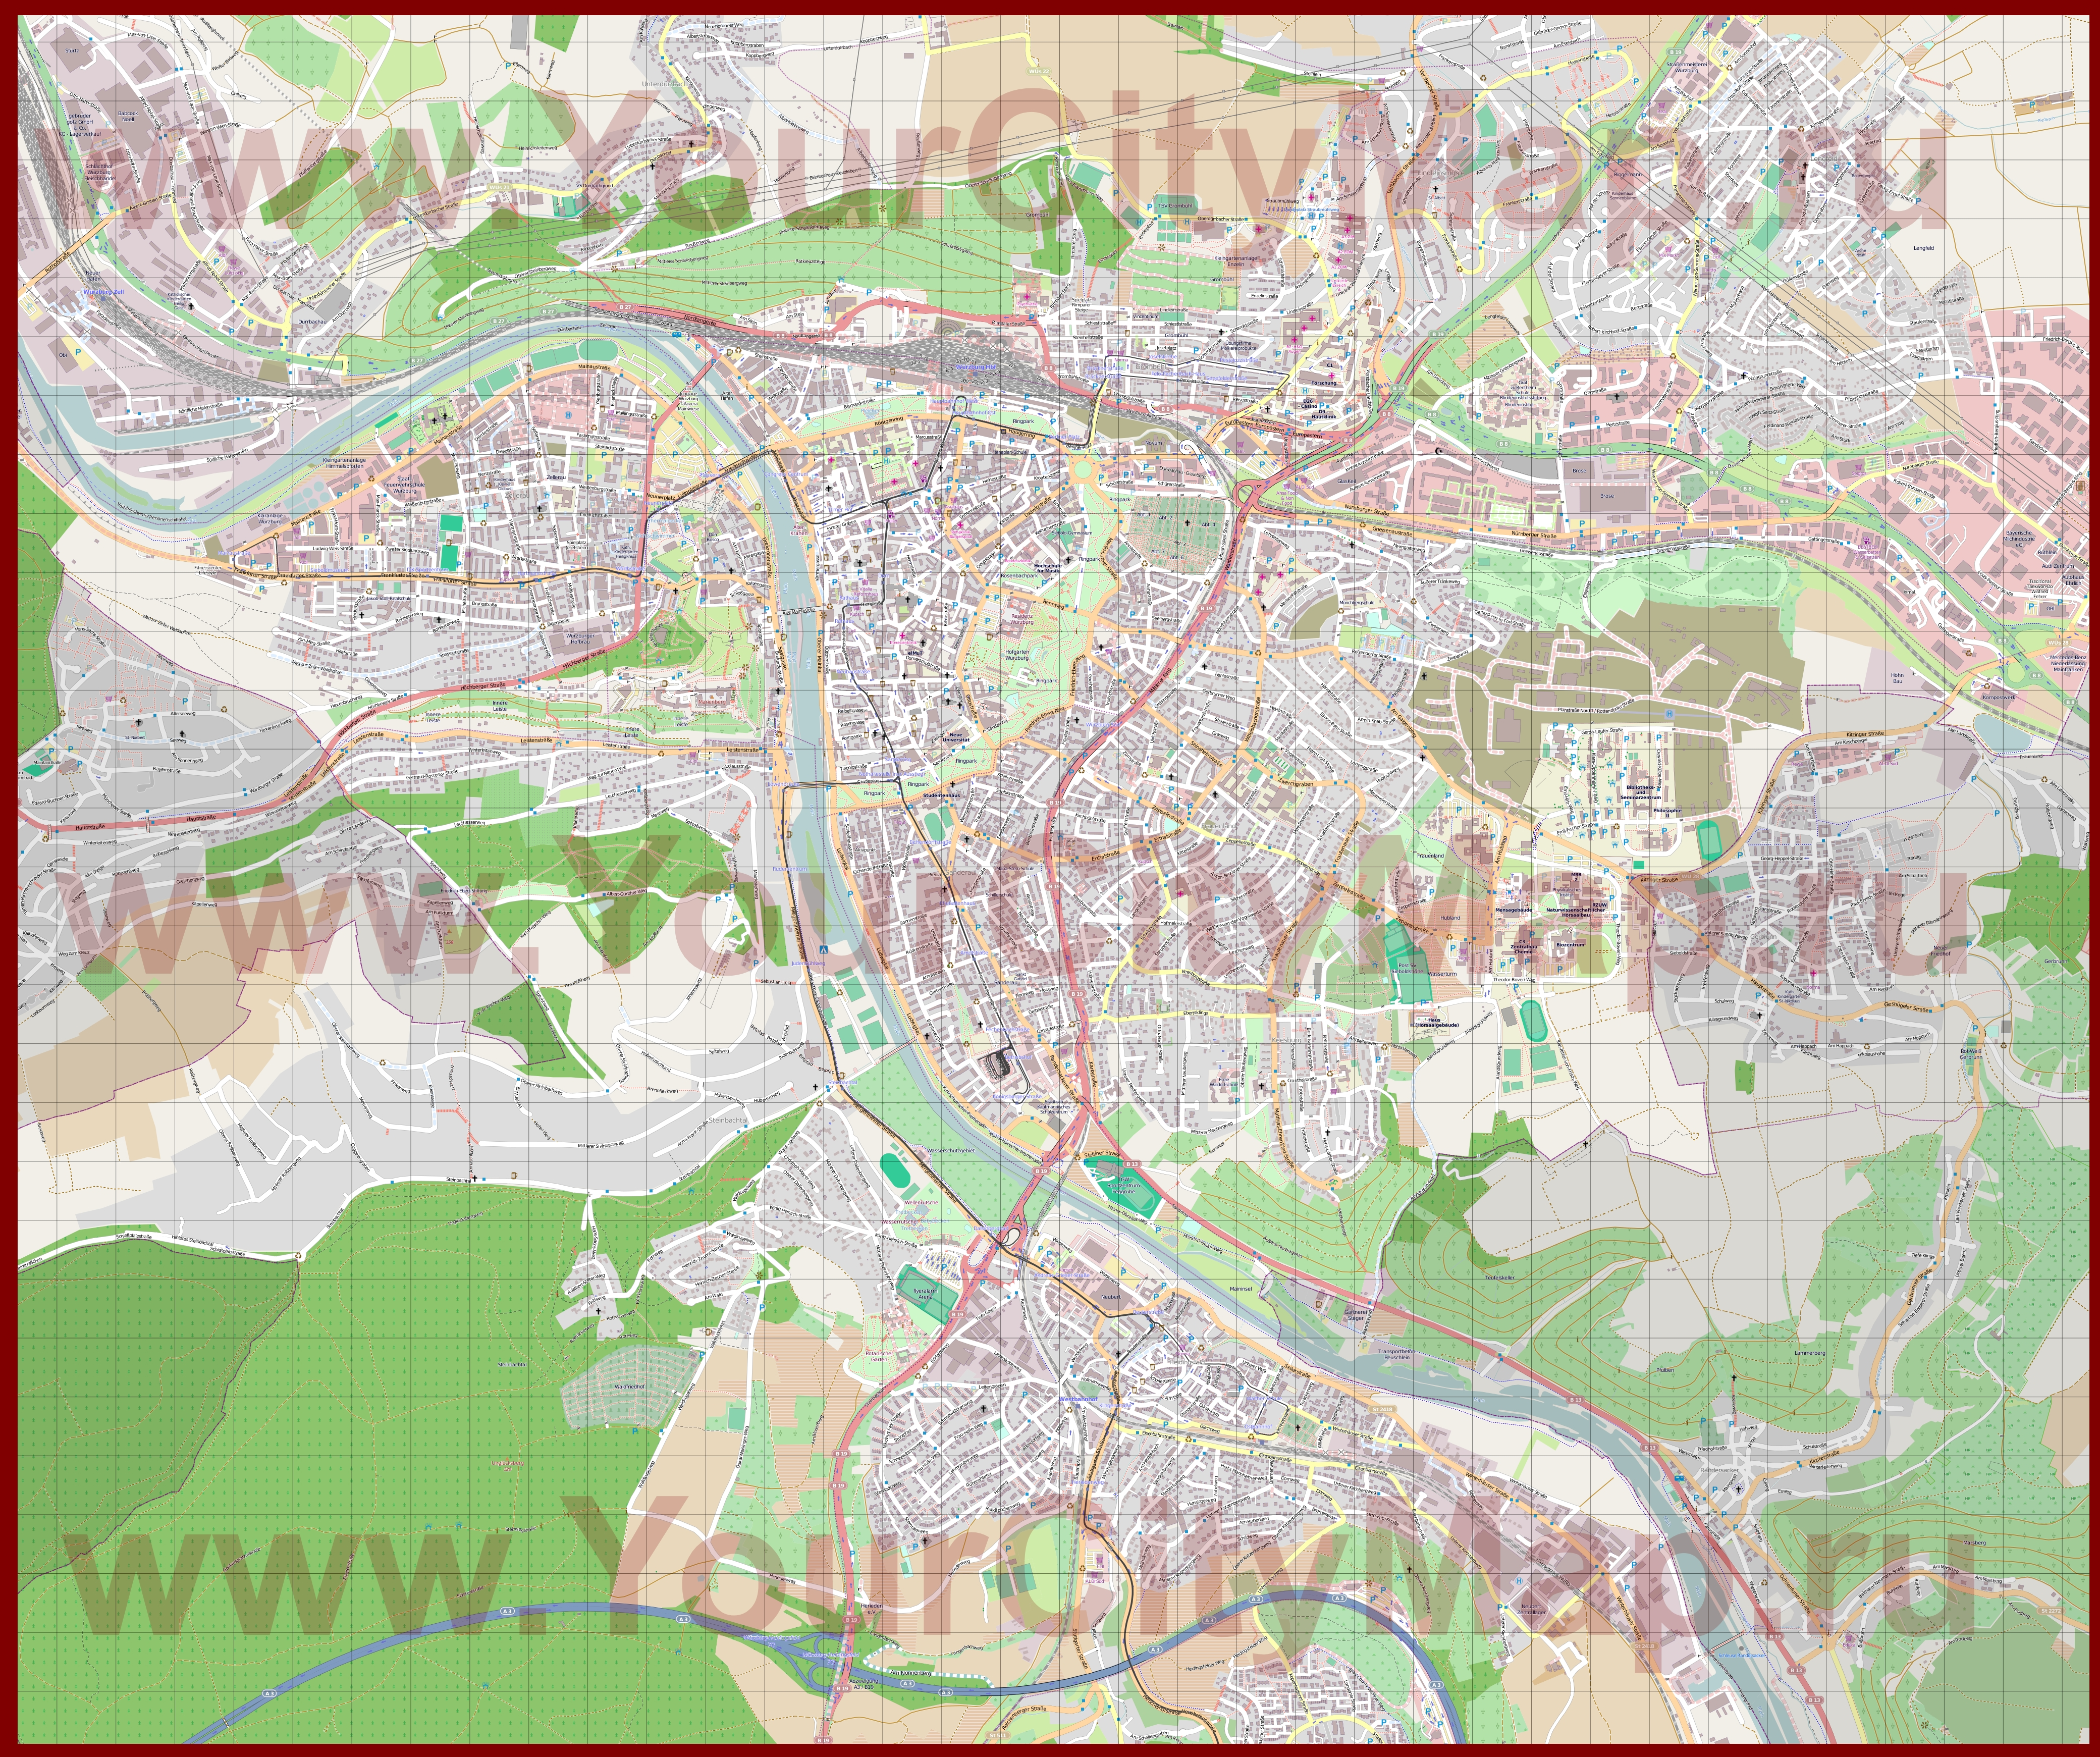 Podrobnaya Karta Goroda Vyurcburg